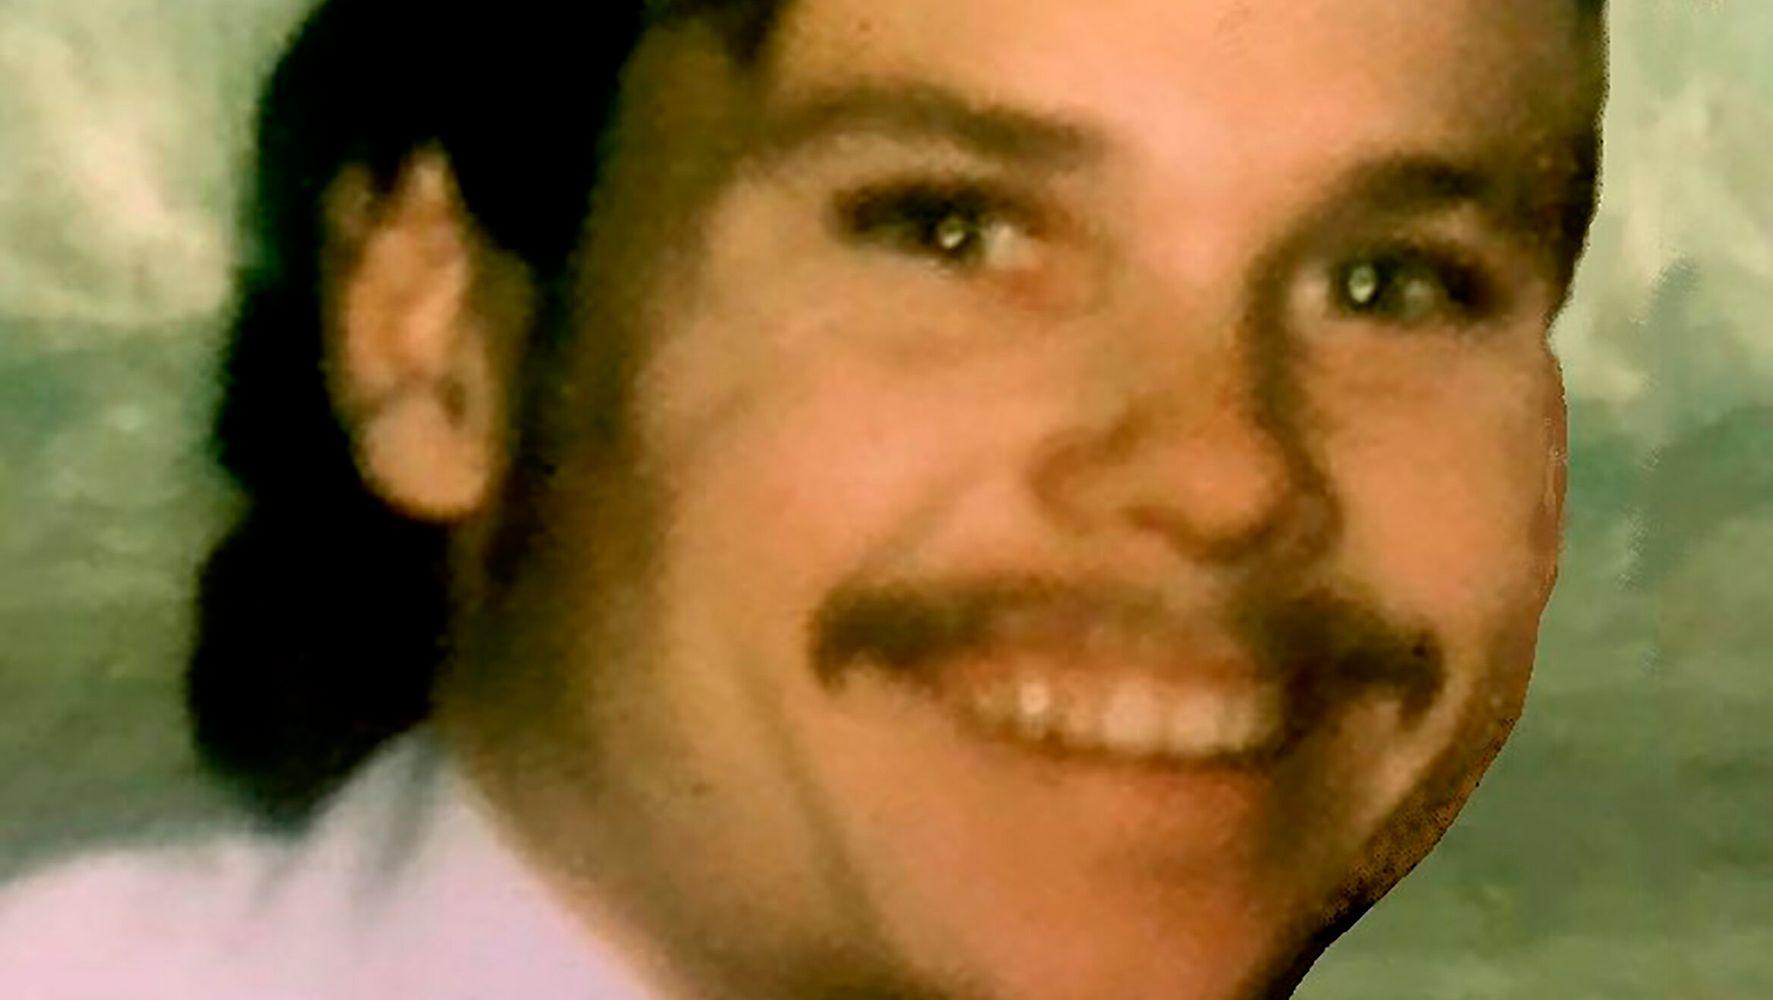 North Carolina Man Recognized As Sufferer Of John Wayne Gacy